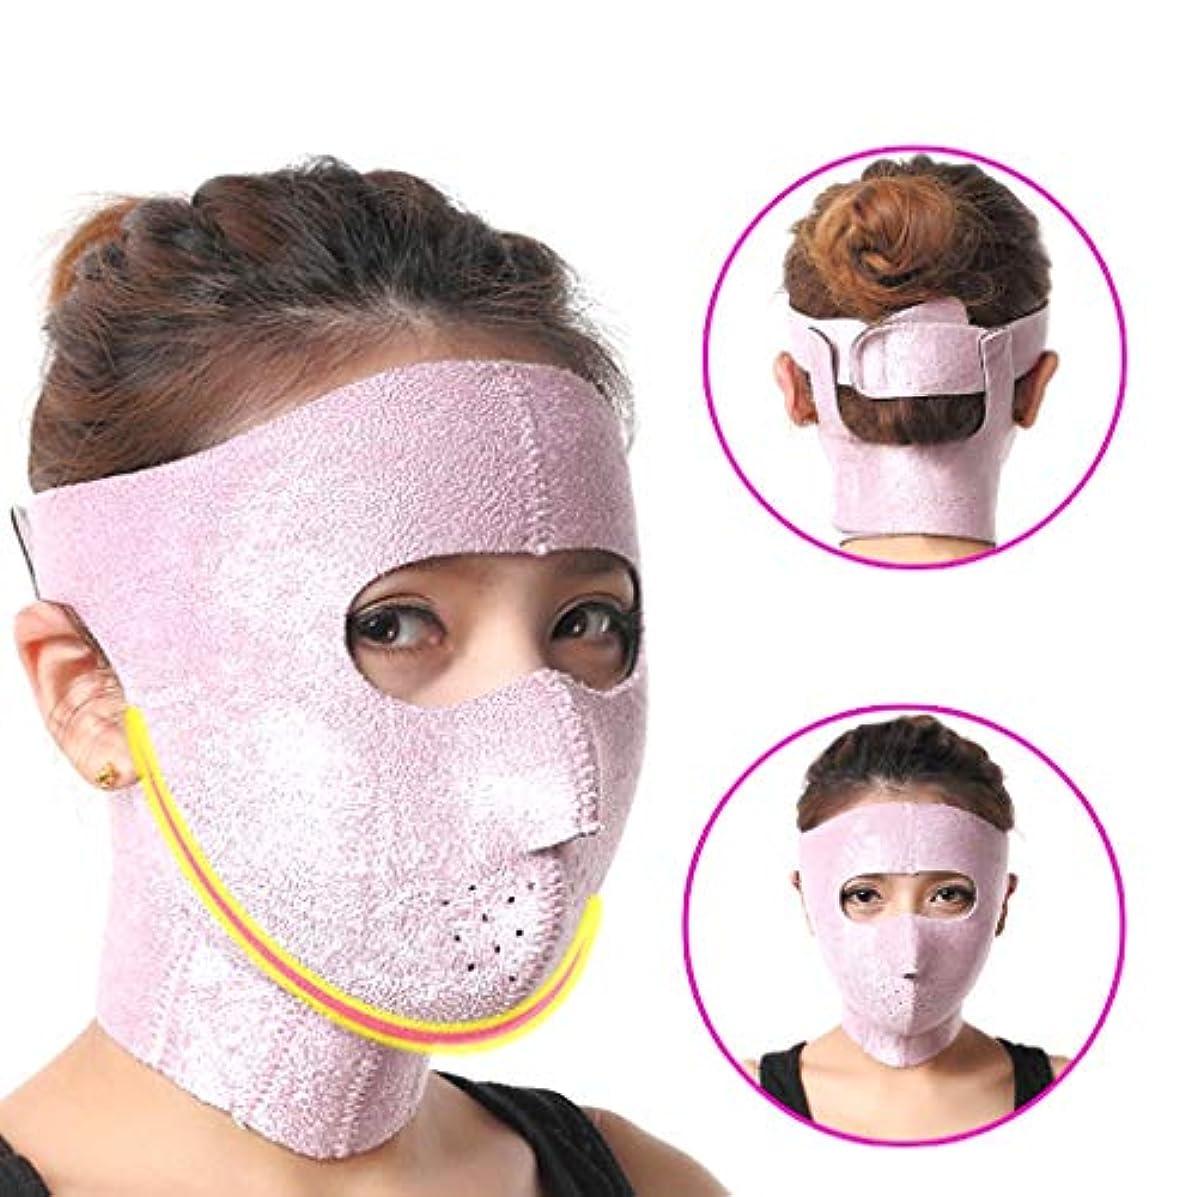 予約世界の窓ボウリング薄いあご修正ツール、顔リフティングマスク、リフティングファーミング、Vフェイシャルマスク、改良された咬筋二重あご、男性と女性の両方に適しています